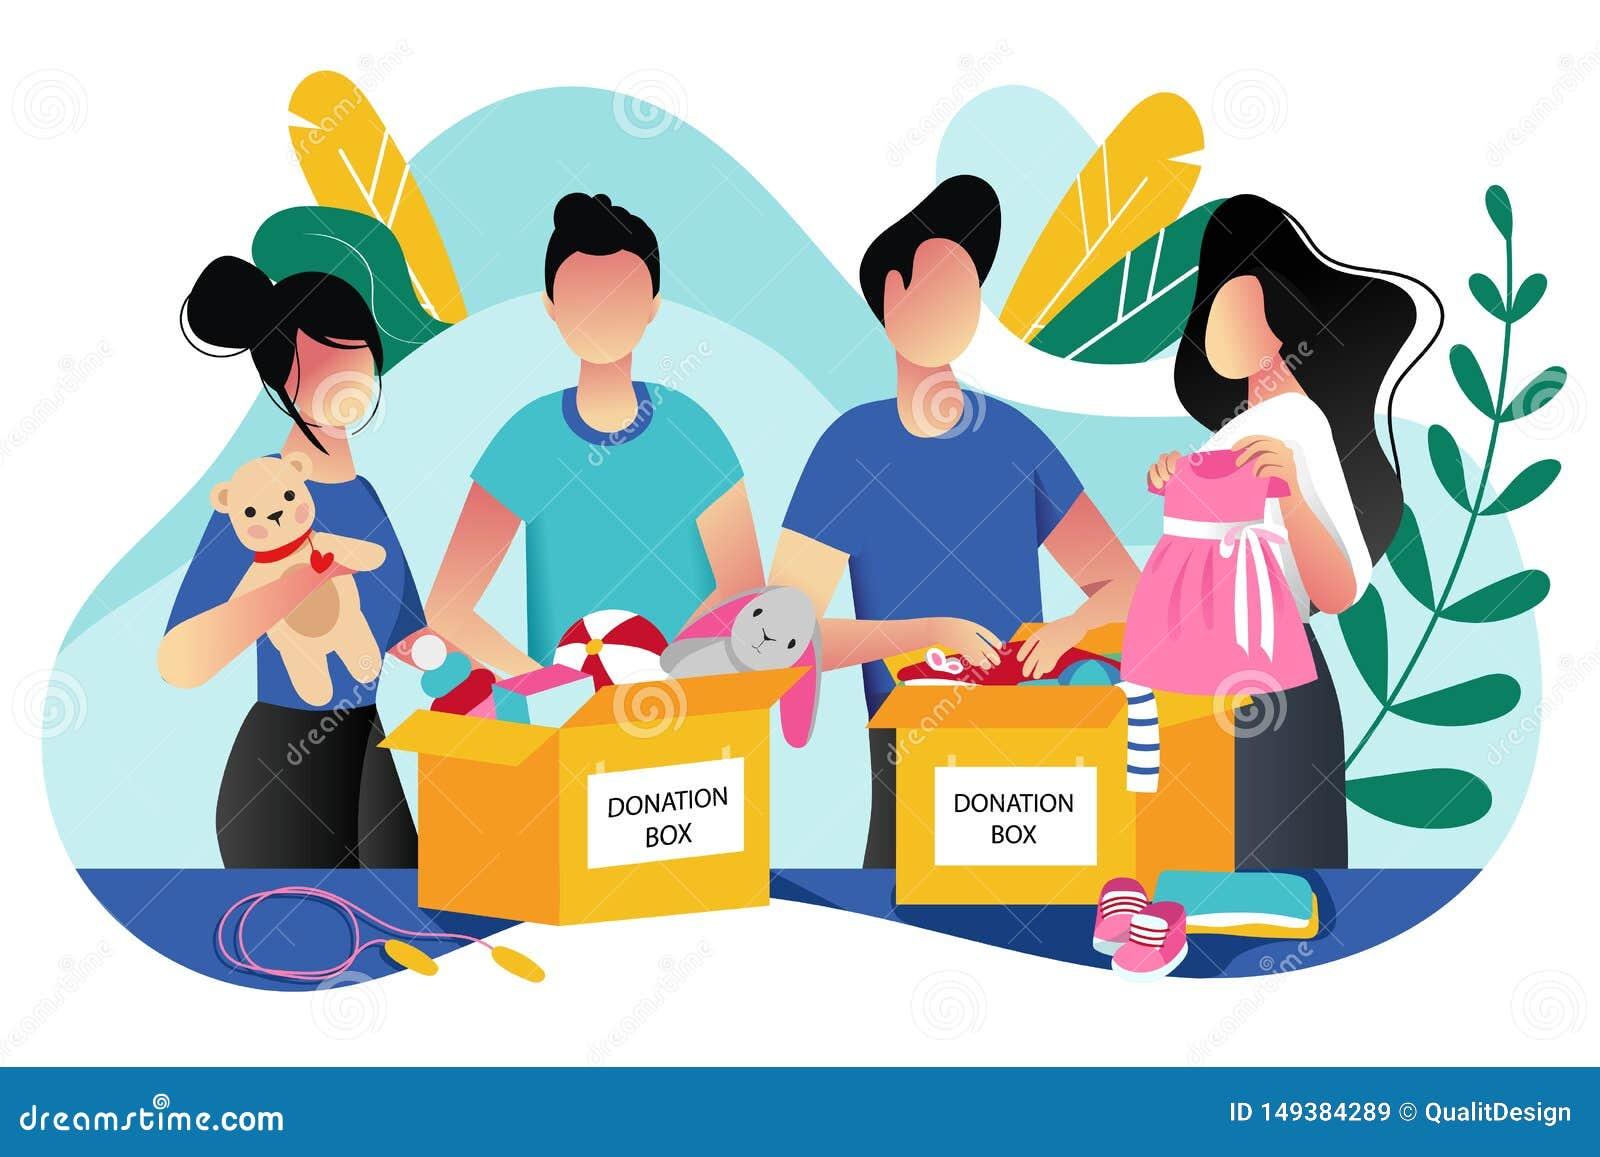 玩具和孩子衣裳捐赠 传染媒介时髦平的动画片例证 社会关心,志愿和慈善概念